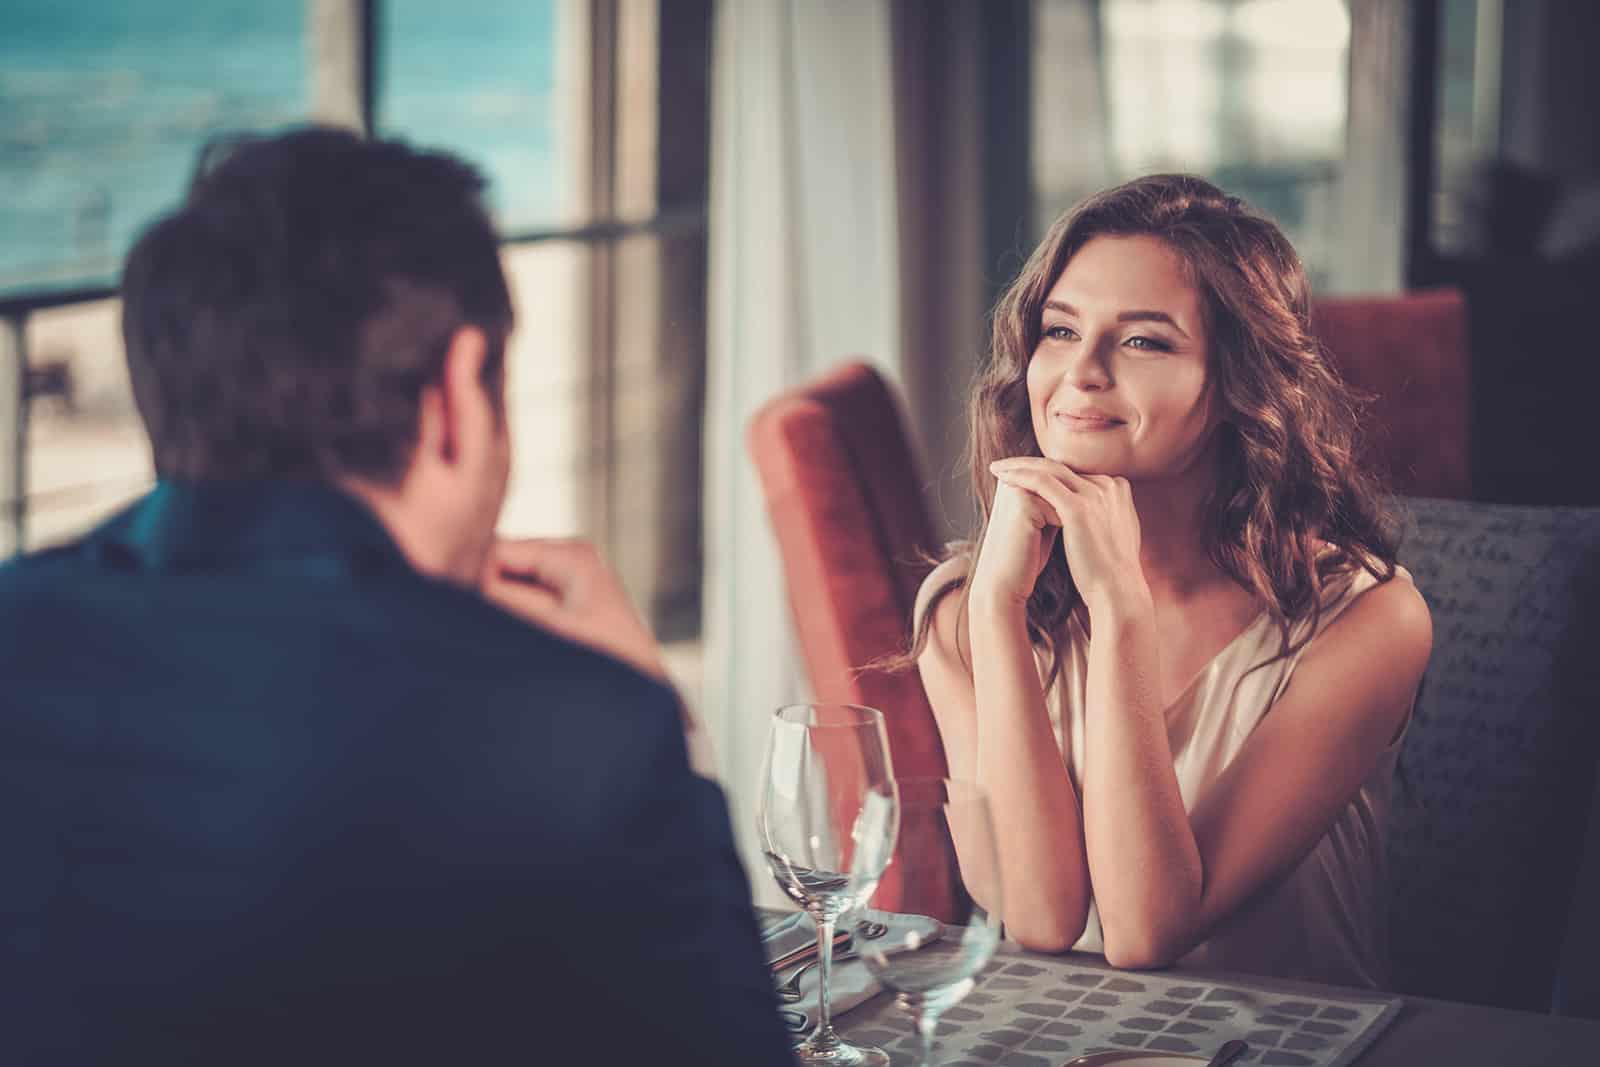 eine lächelnde Frau, die das Kinn auf ihre Hände stützt und auf einen Mann schaut, der mit ihr in einem Restaurant sitzt